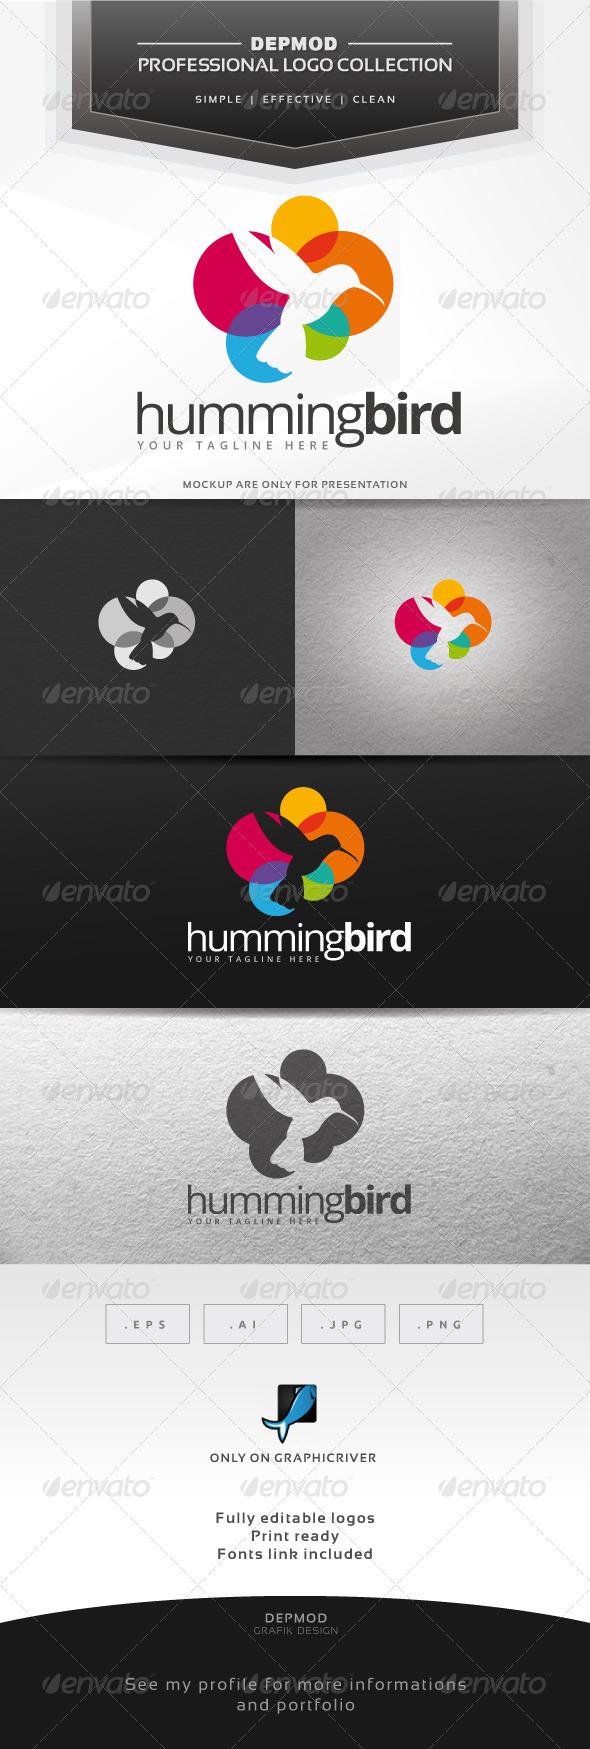 GraphicRiver Hummingbird Logo 7228369